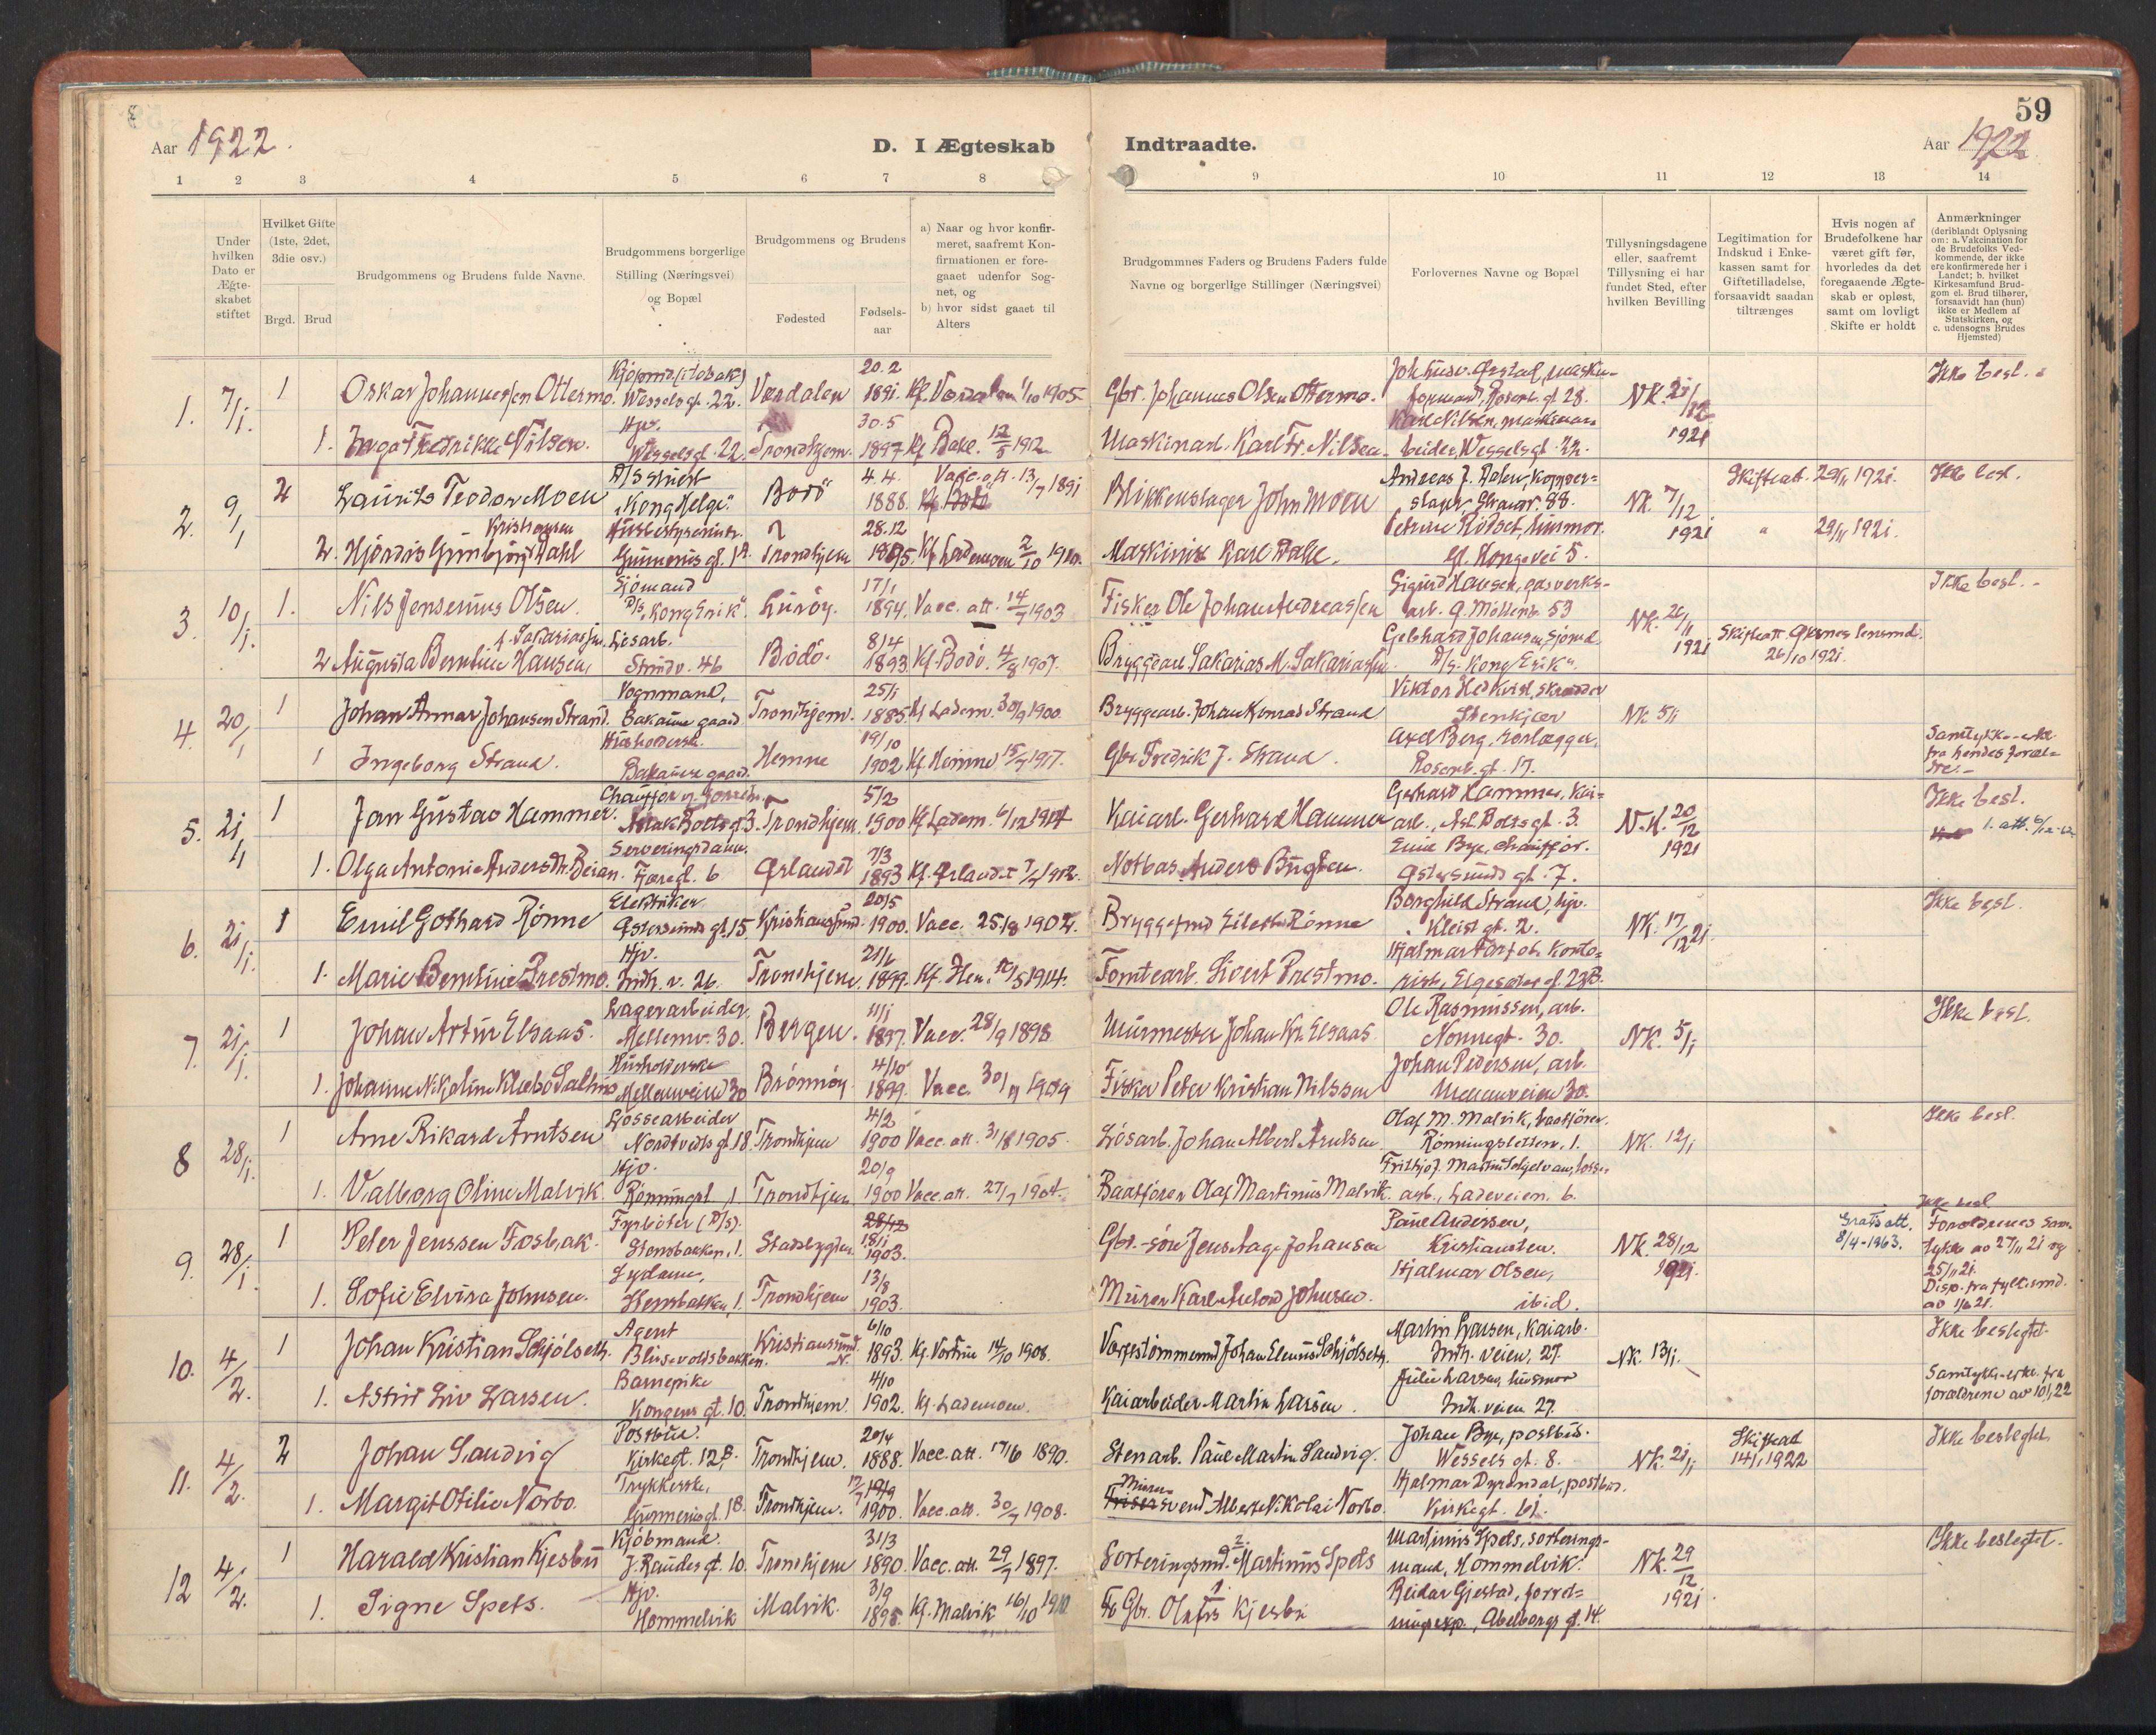 SAT, Ministerialprotokoller, klokkerbøker og fødselsregistre - Sør-Trøndelag, 605/L0245: Ministerialbok nr. 605A07, 1916-1938, s. 59